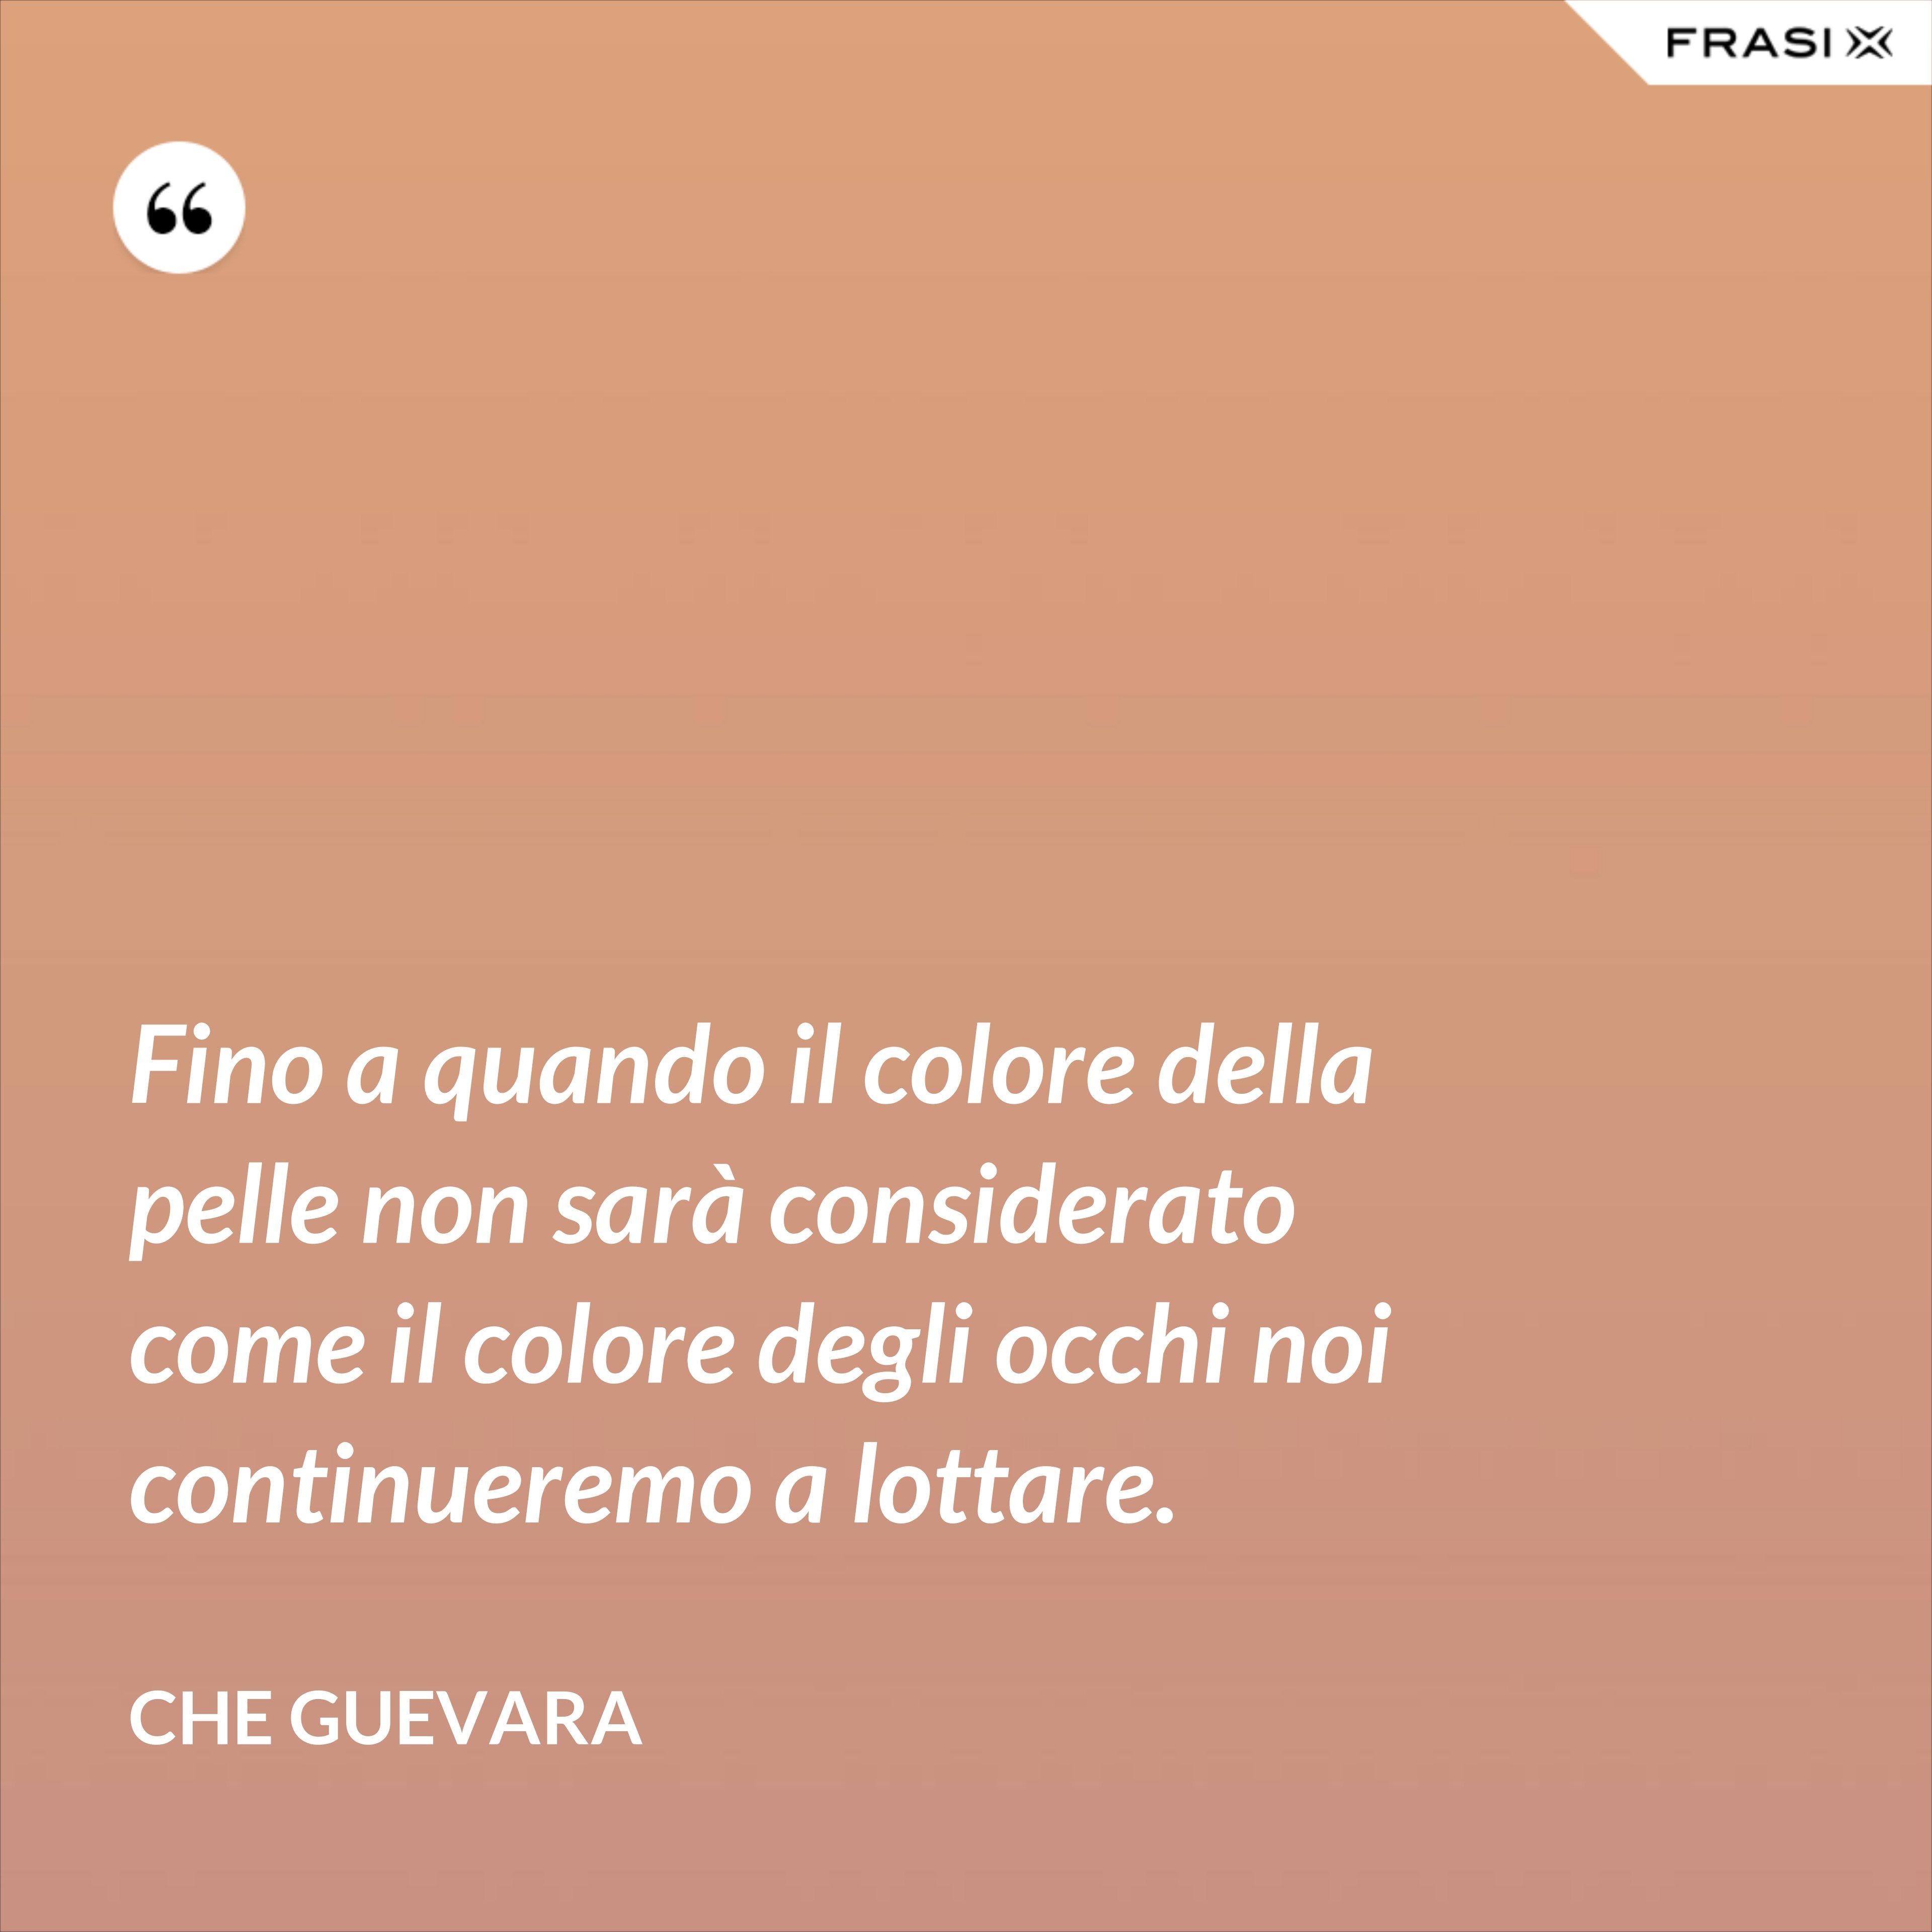 Fino a quando il colore della pelle non sarà considerato come il colore degli occhi noi continueremo a lottare. - Che Guevara